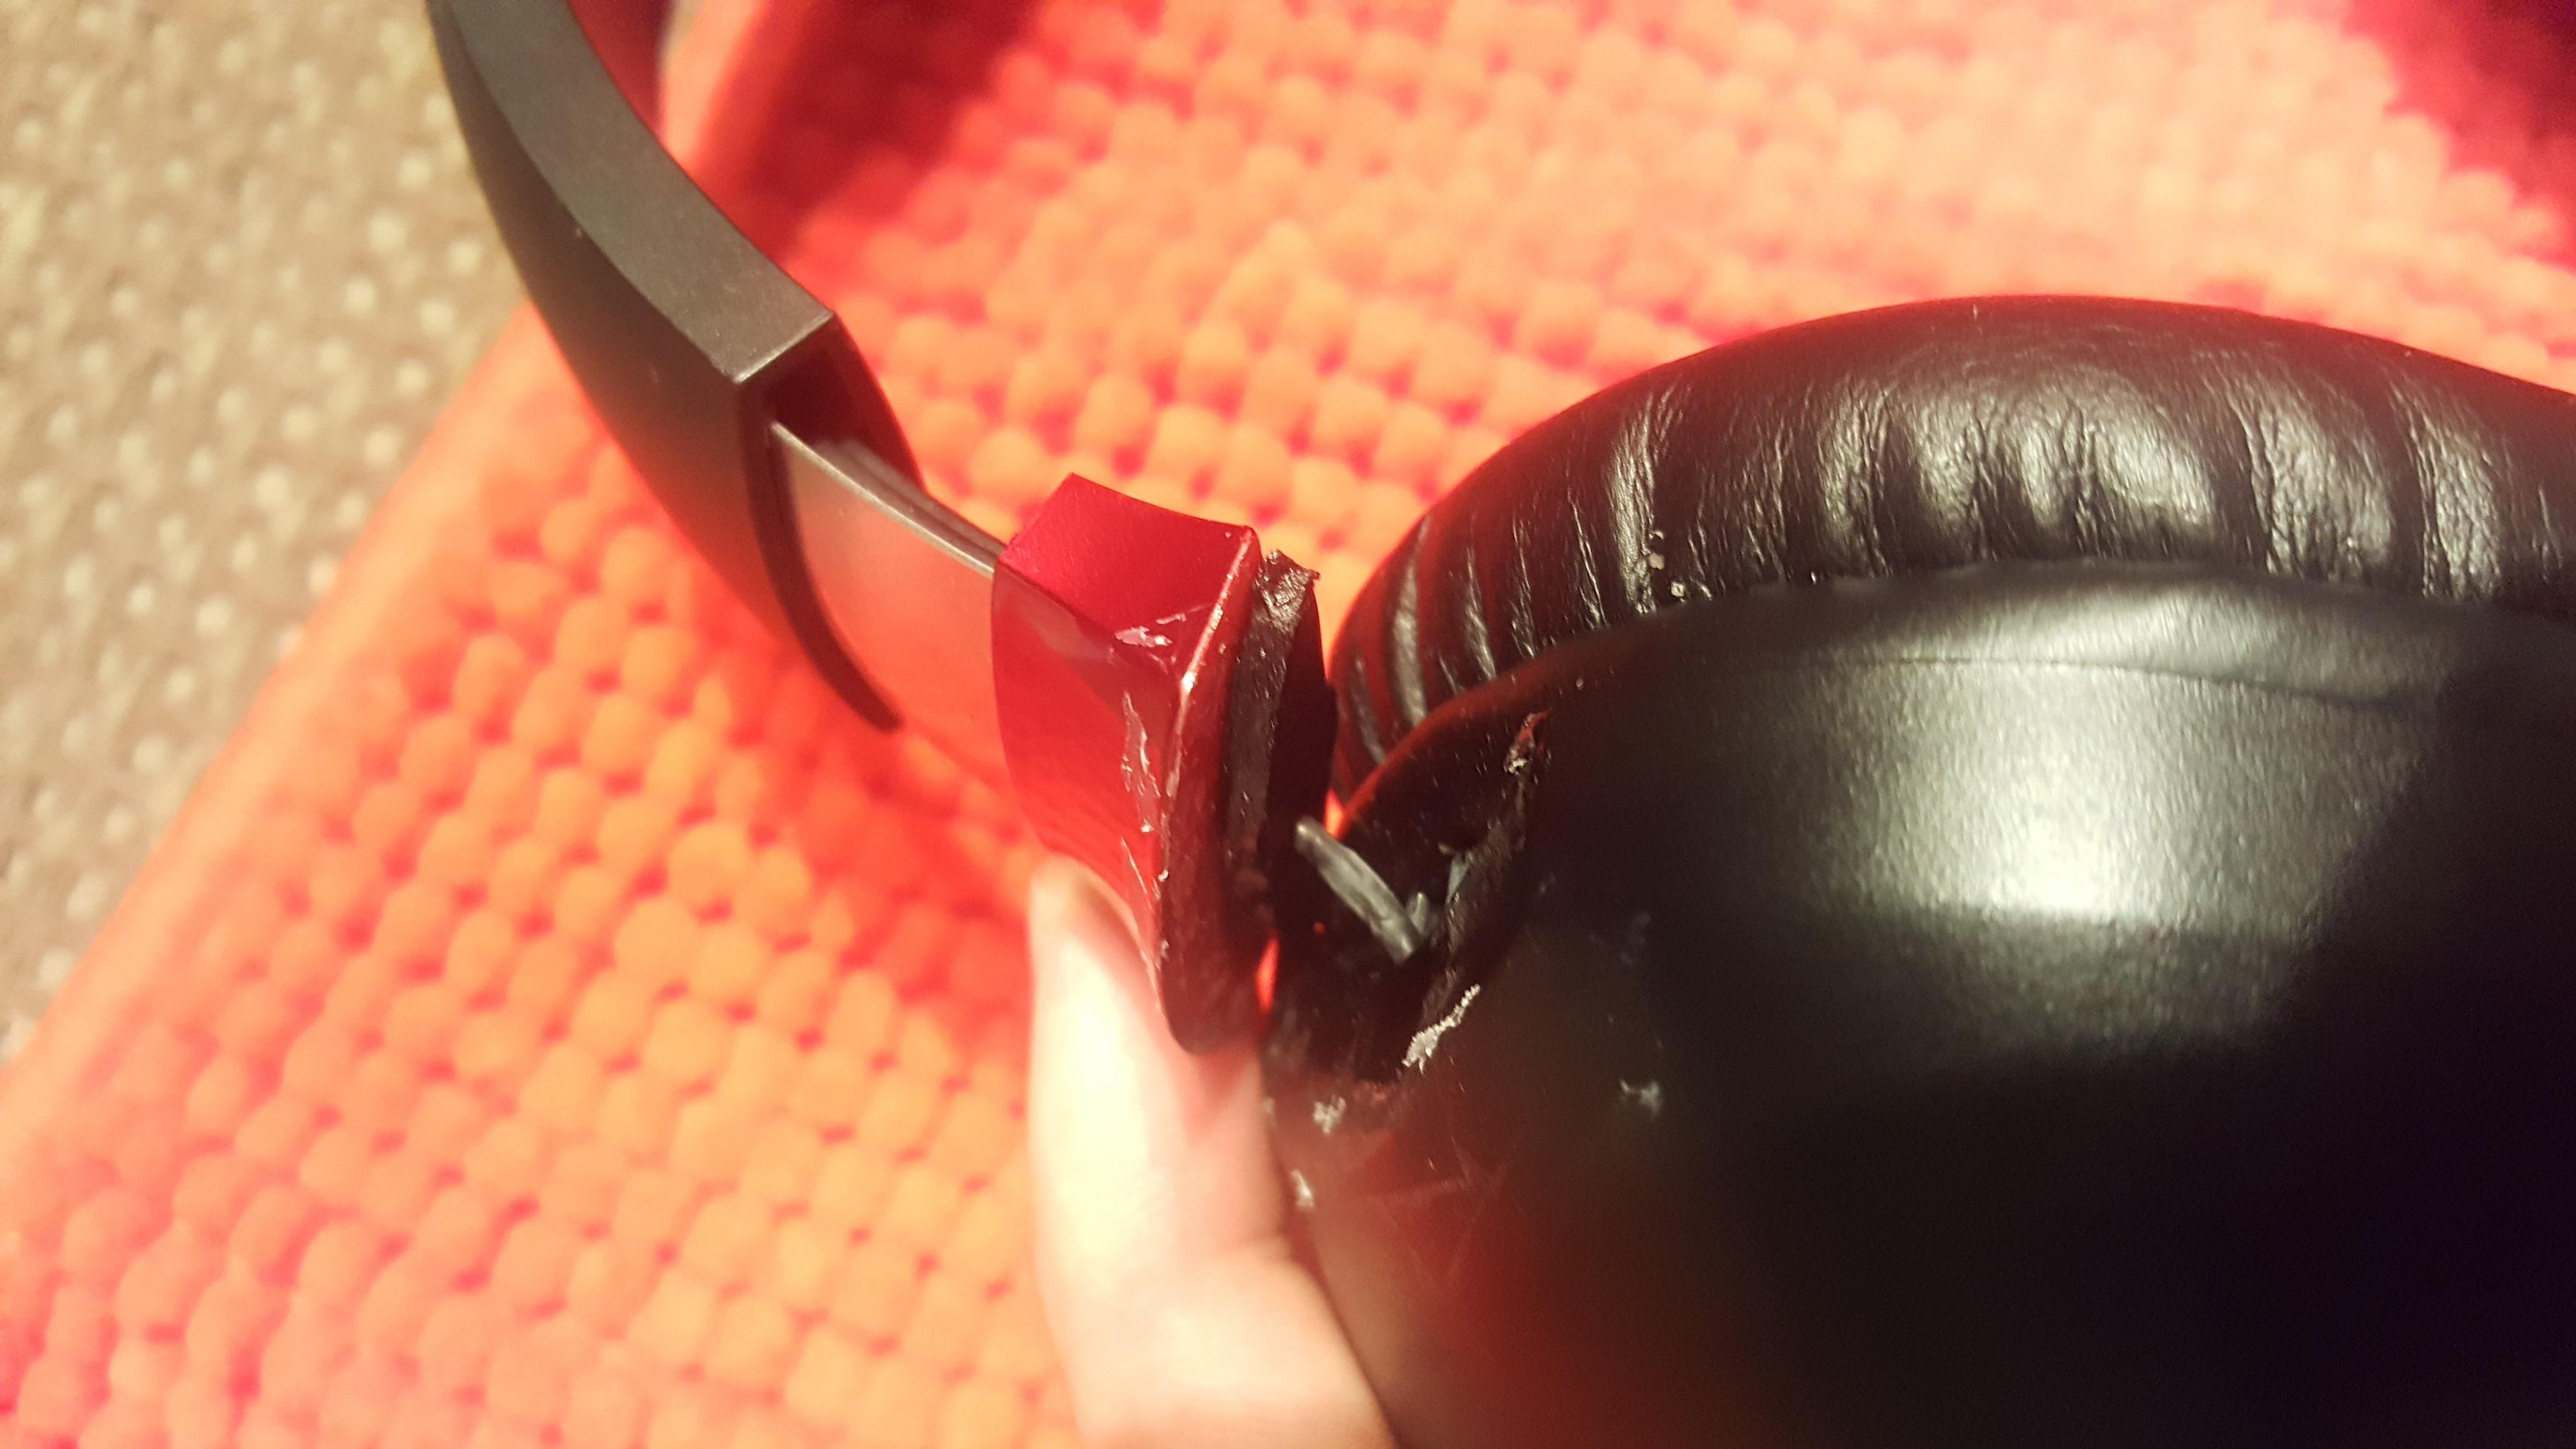 Sluchatka - Lepenie plastu